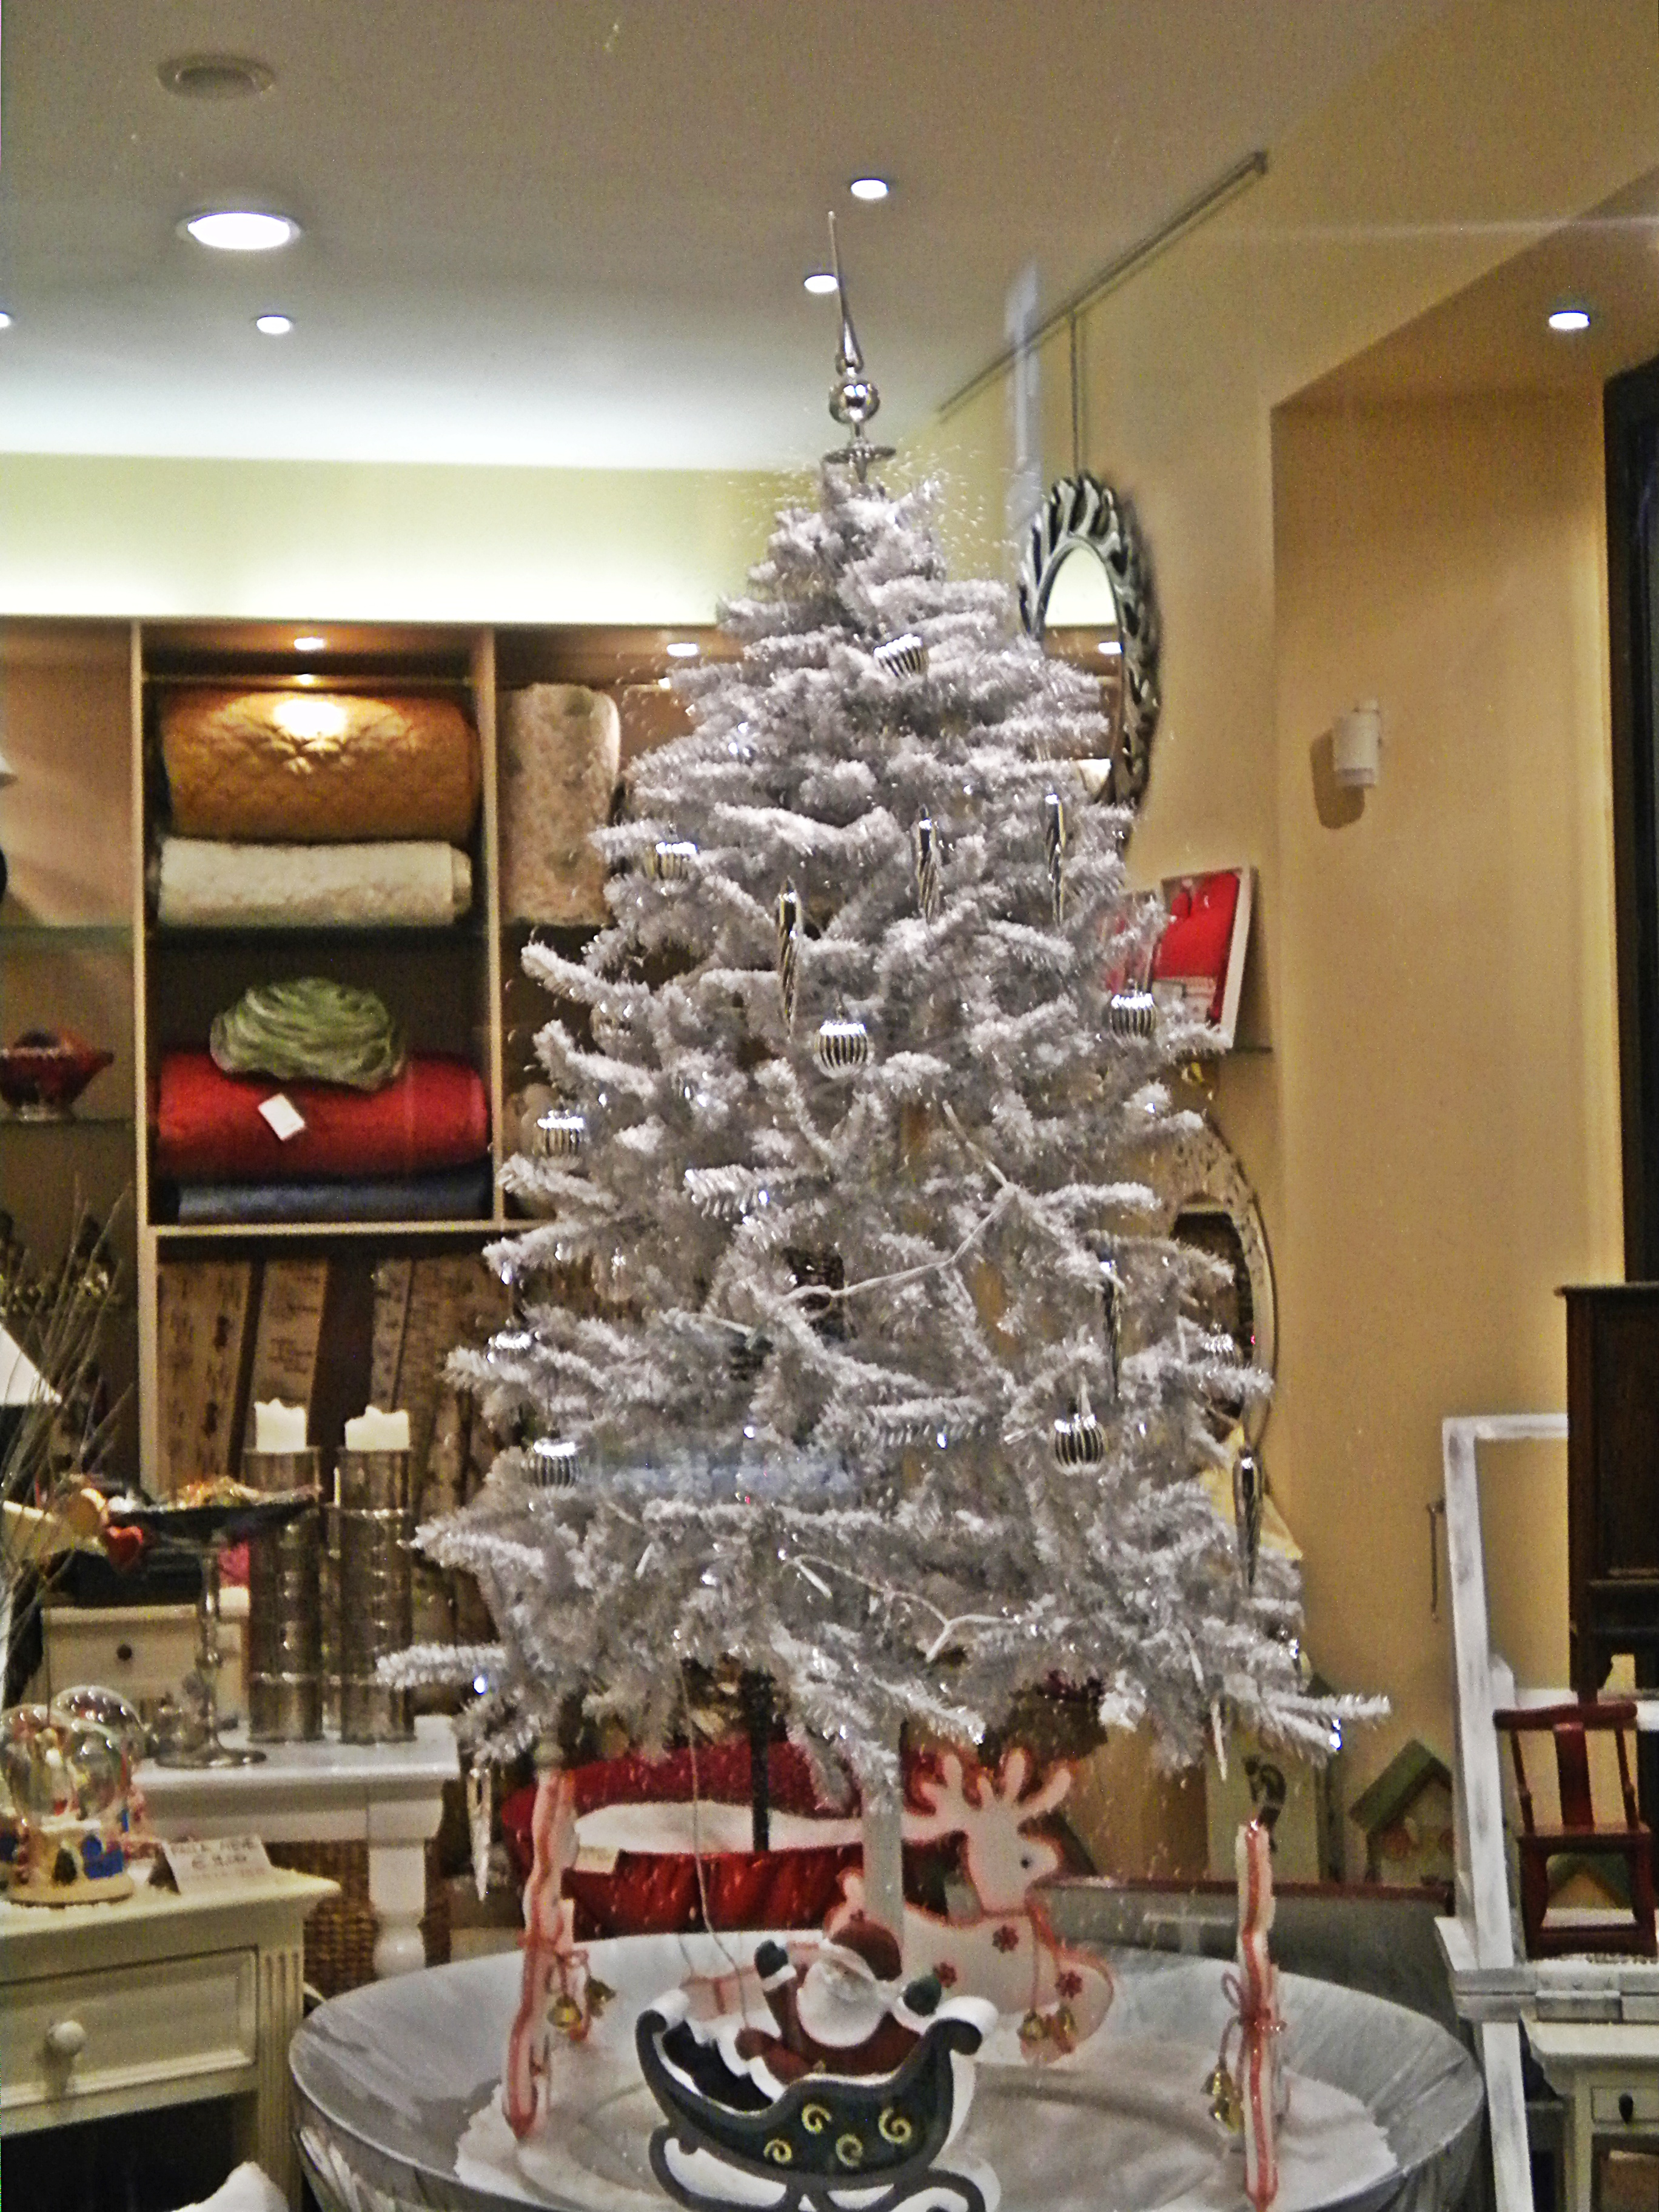 Foto Alberi Di Natale Bianchi file:albero di natale bianco - wikimedia commons